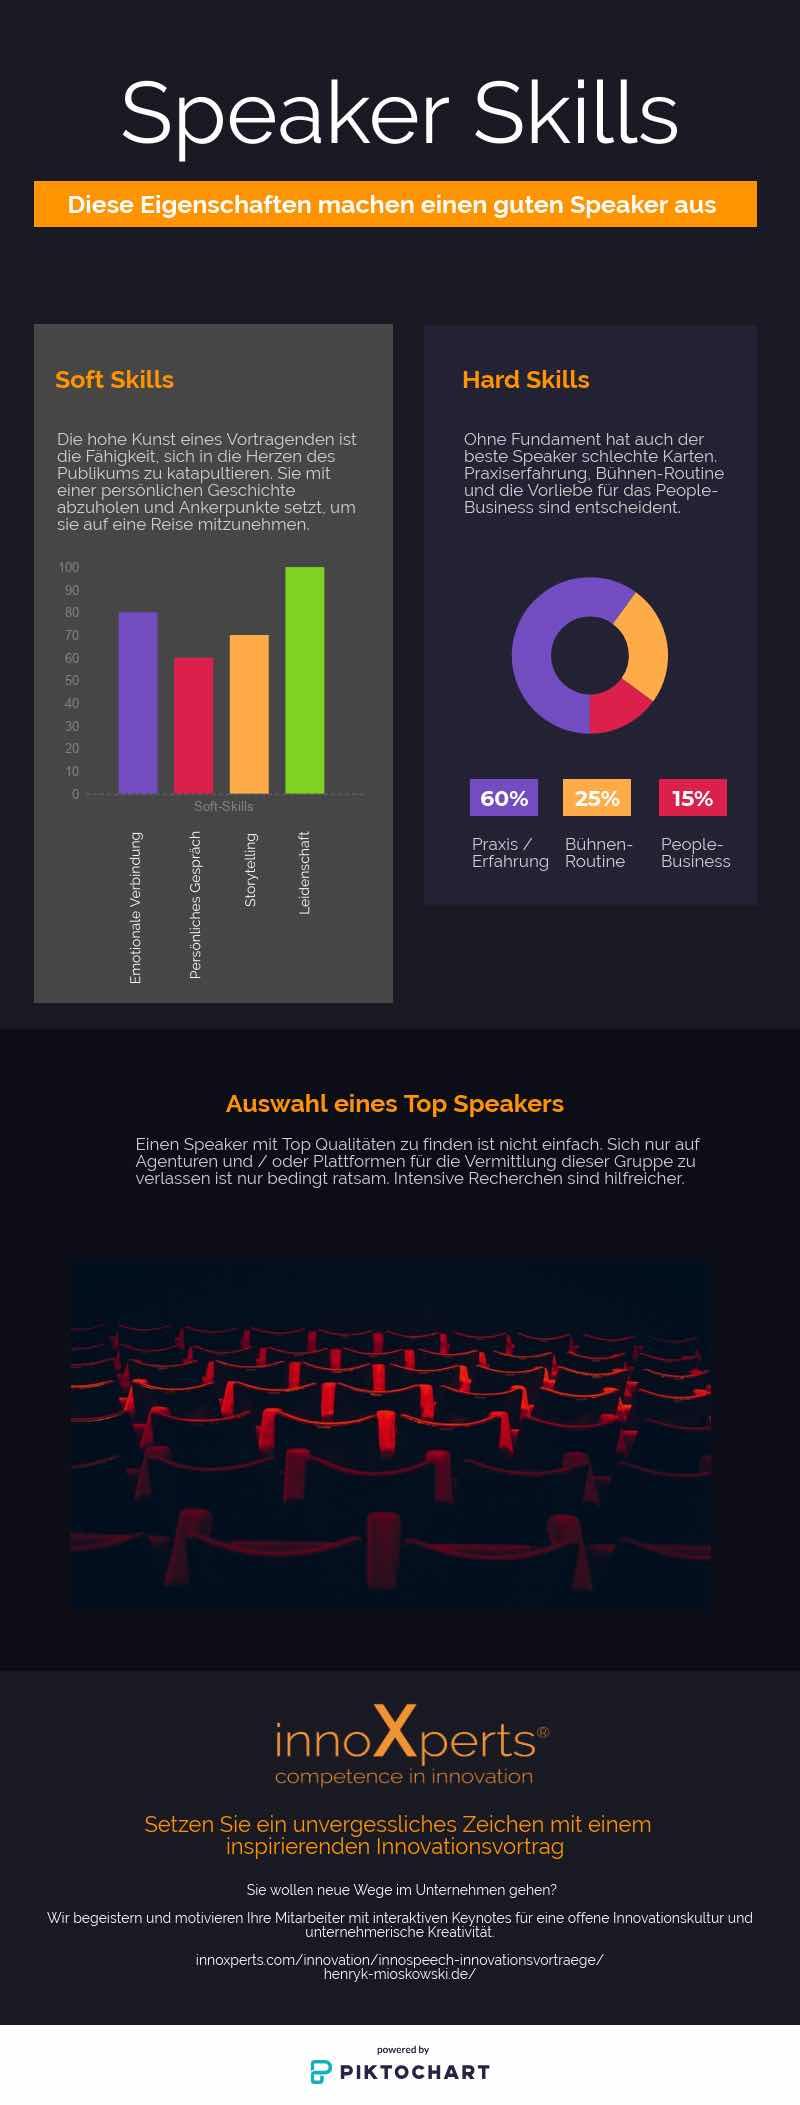 Speaker Skills und Ratschläge zum Finden eines Top Speakers